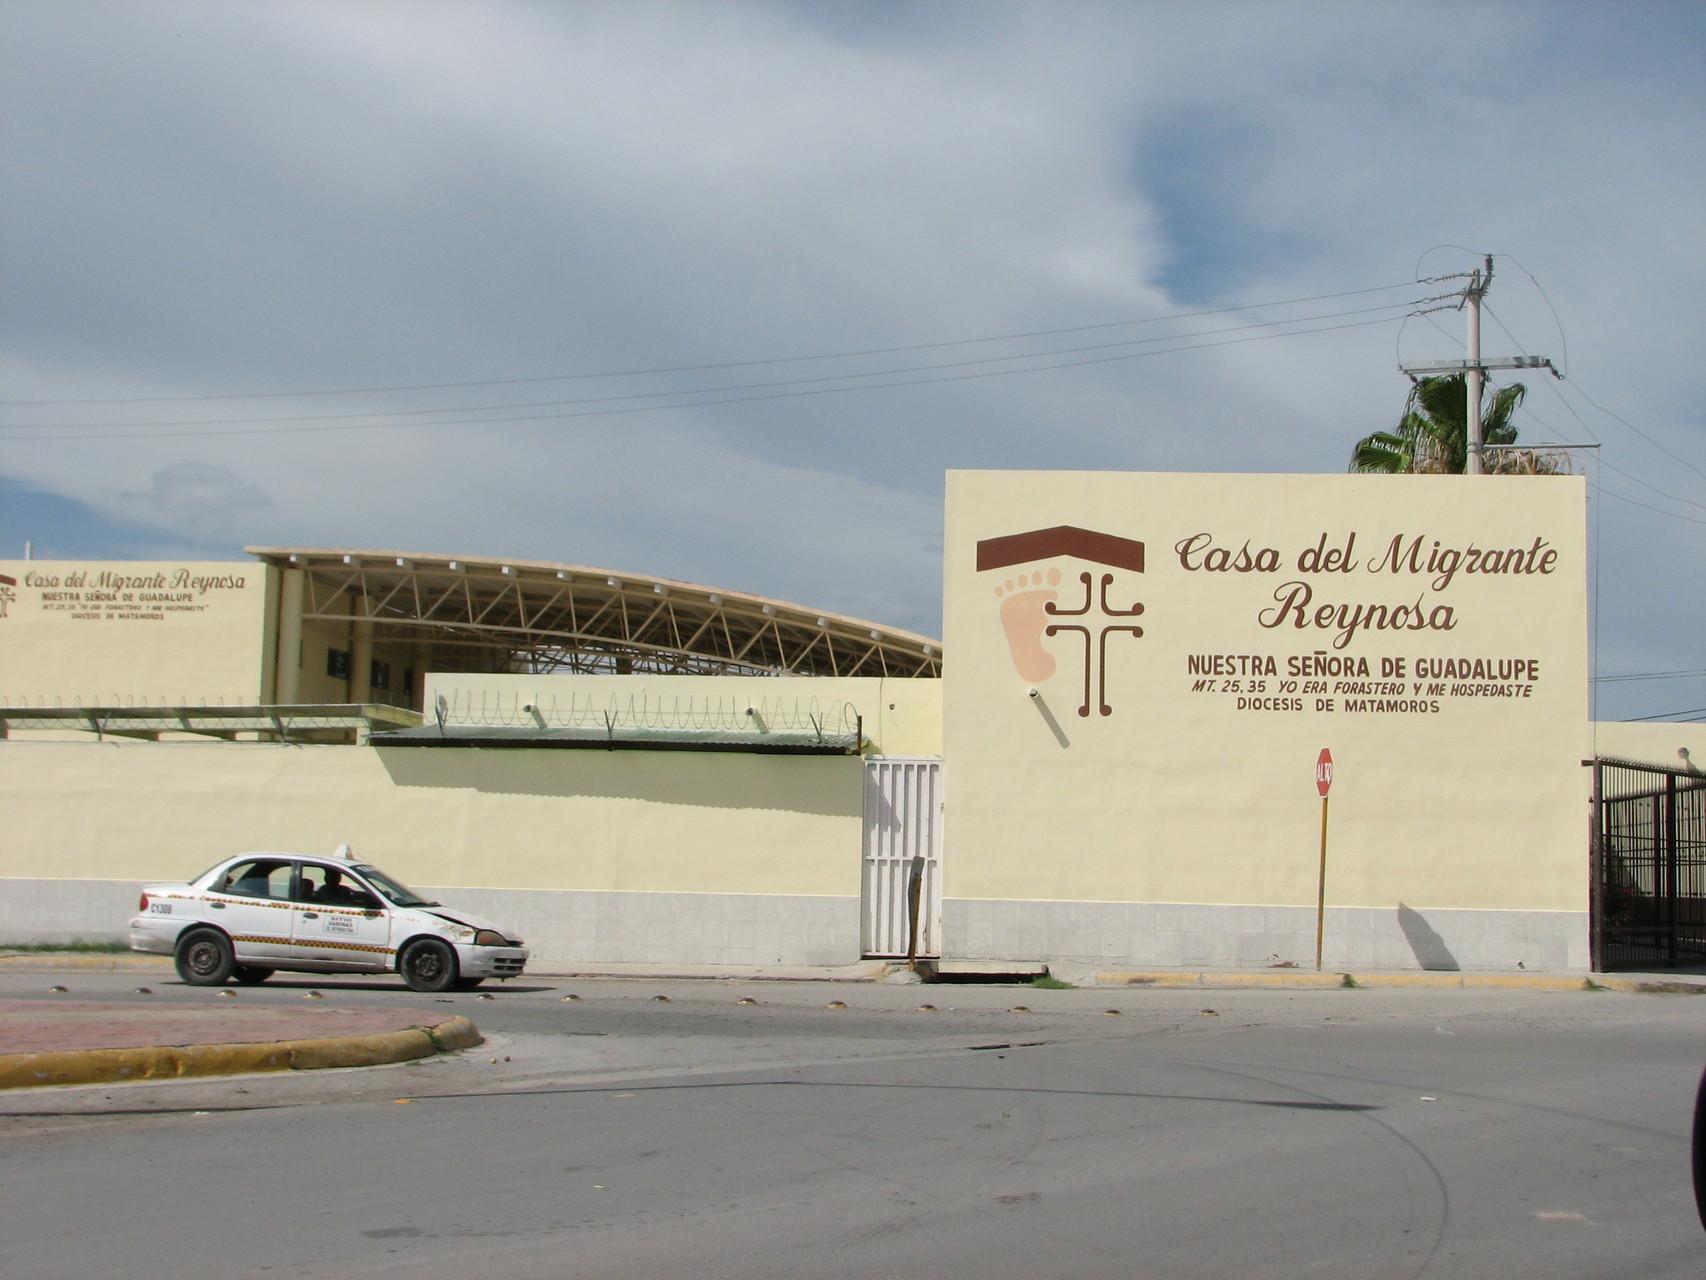 レイノサの「移民の家」。修道女らがボランティアで運営している。